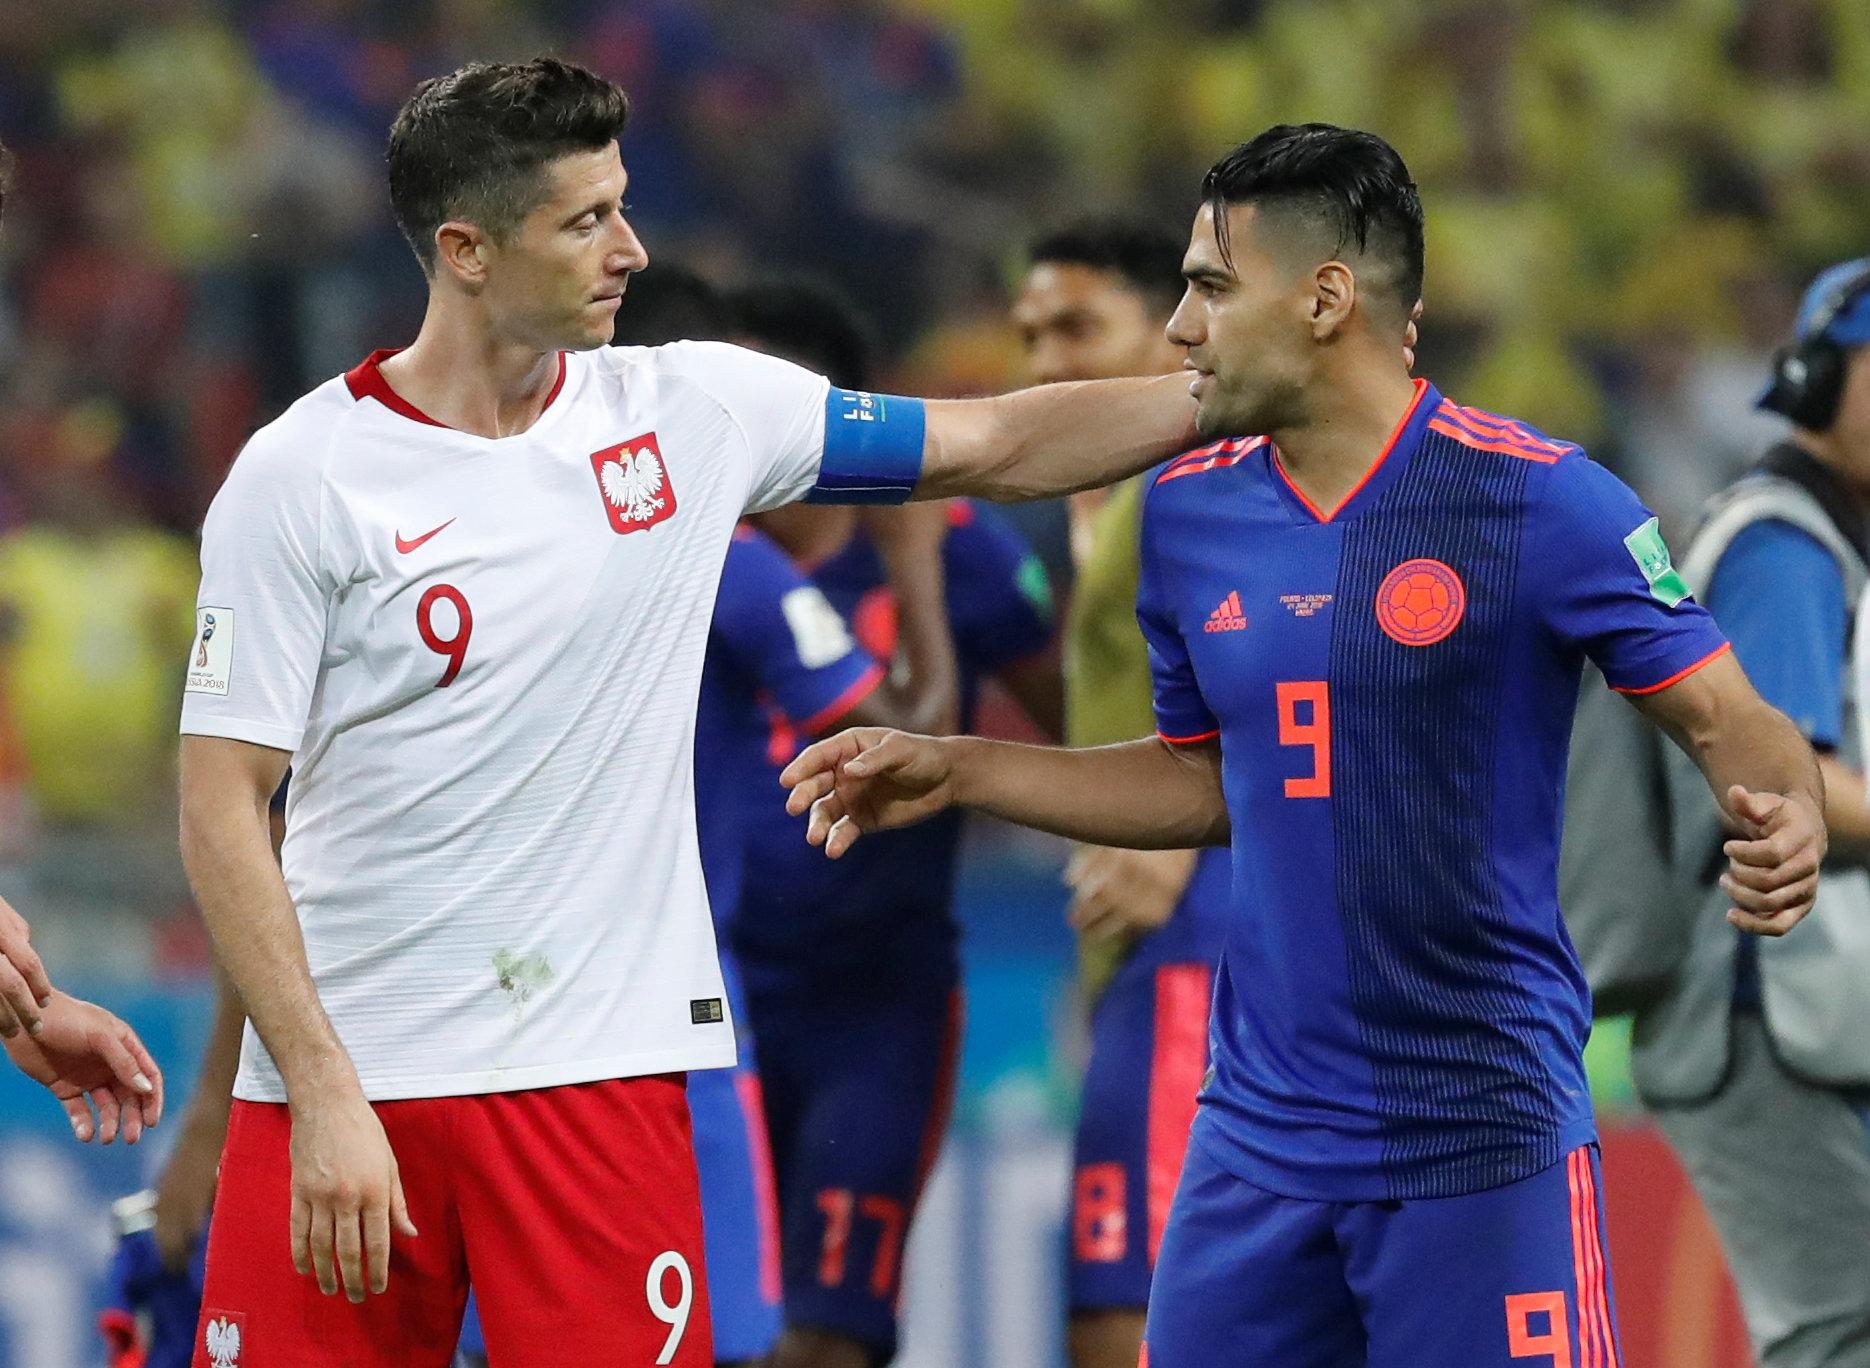 المنتخب الكولومبي ضد المنتخب البولندي بمونديال روسيا 2018